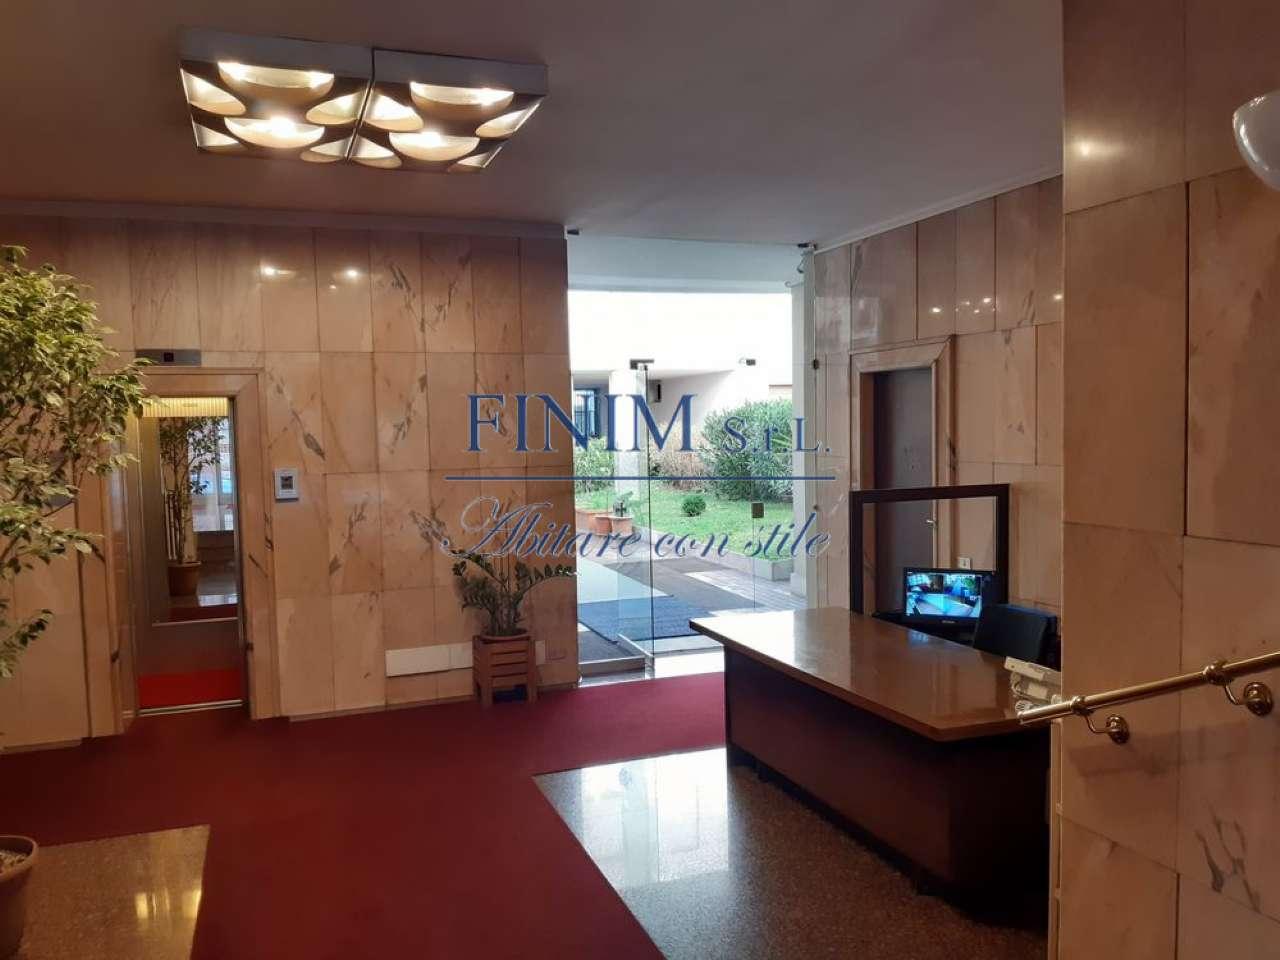 Ufficio-studio in Vendita a Milano 02 Brera / Volta / Repubblica: 5 locali, 170 mq